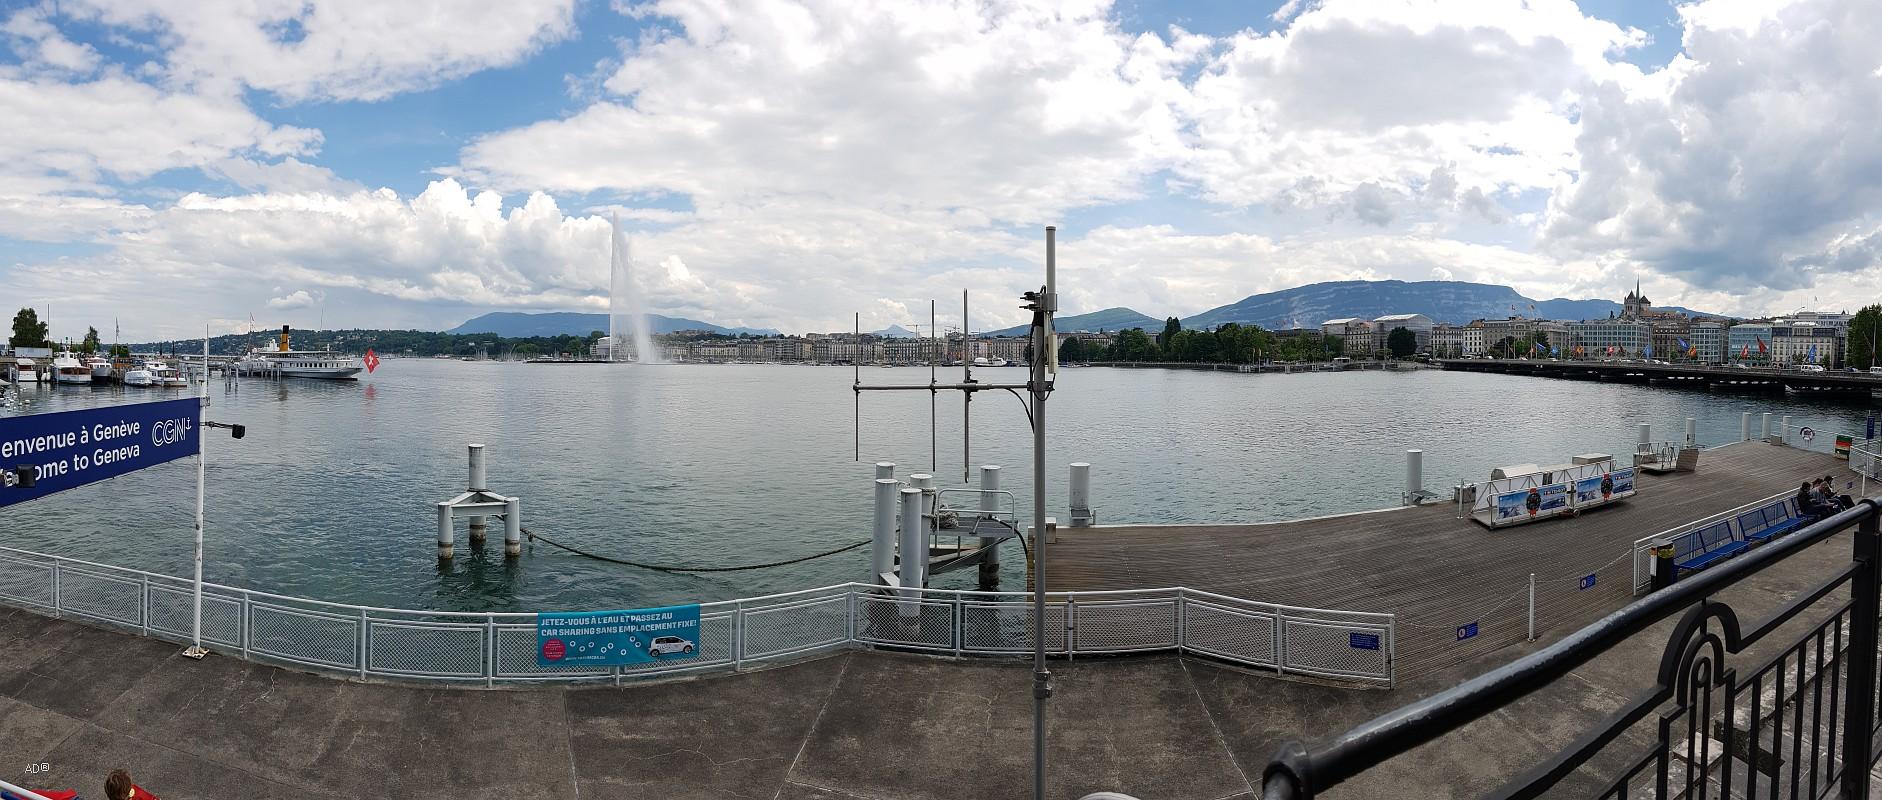 Фонтан Же-До (фр. Струя воды), Женева, Швейцария